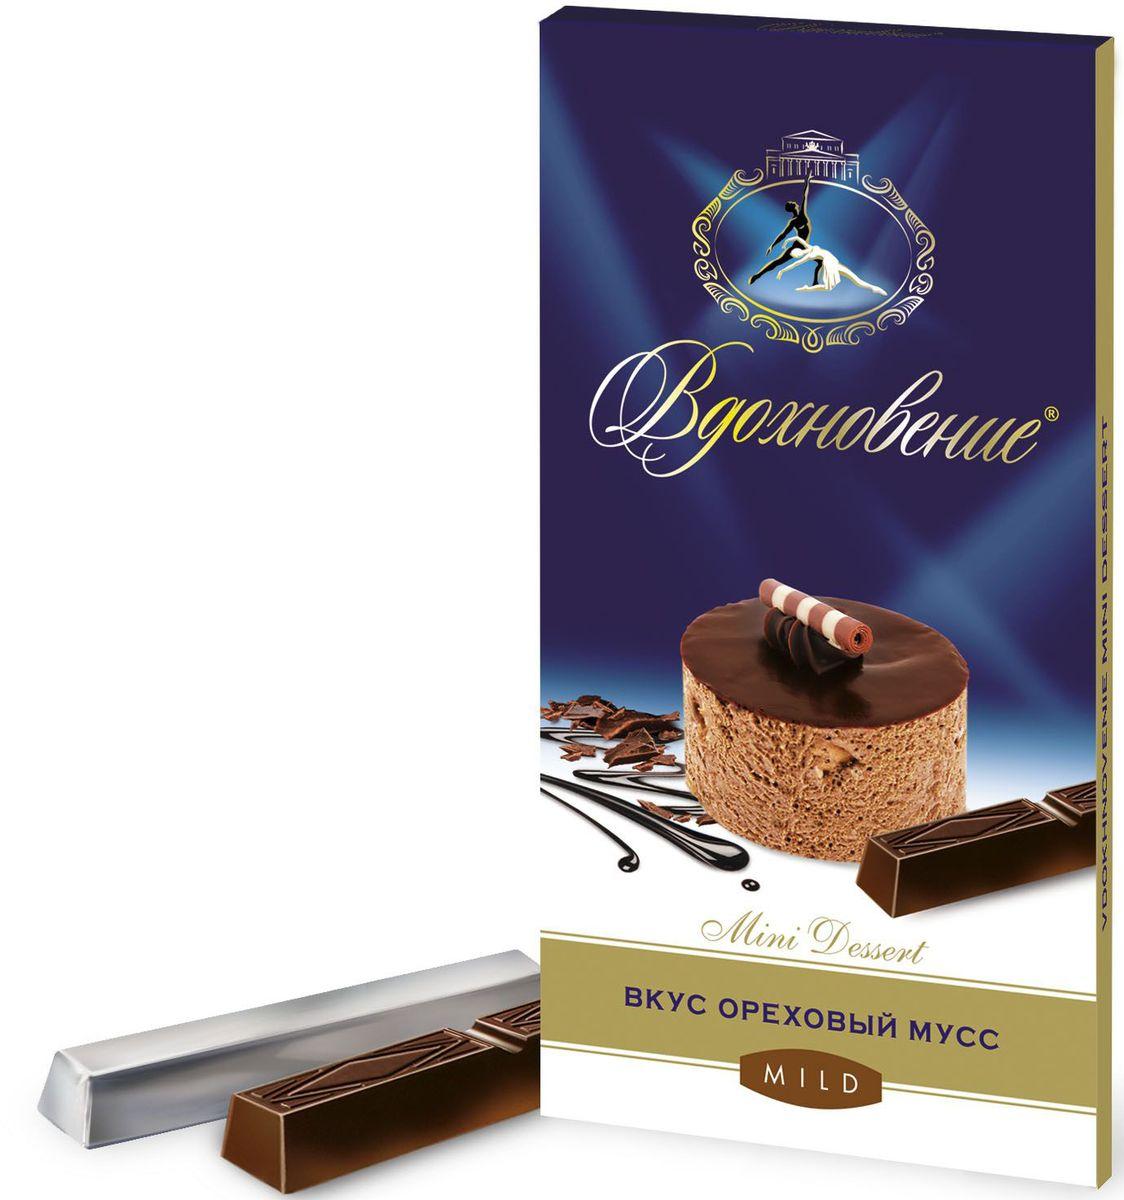 Бабаевский Вдохновение Mini Dessert вкус Ореховый мусс темный шоколад, 100 гББ14090Гордость бренда Бабаевский - высококачественный темный шоколад, созданный с использованием отборных какао бобов и какао масла.